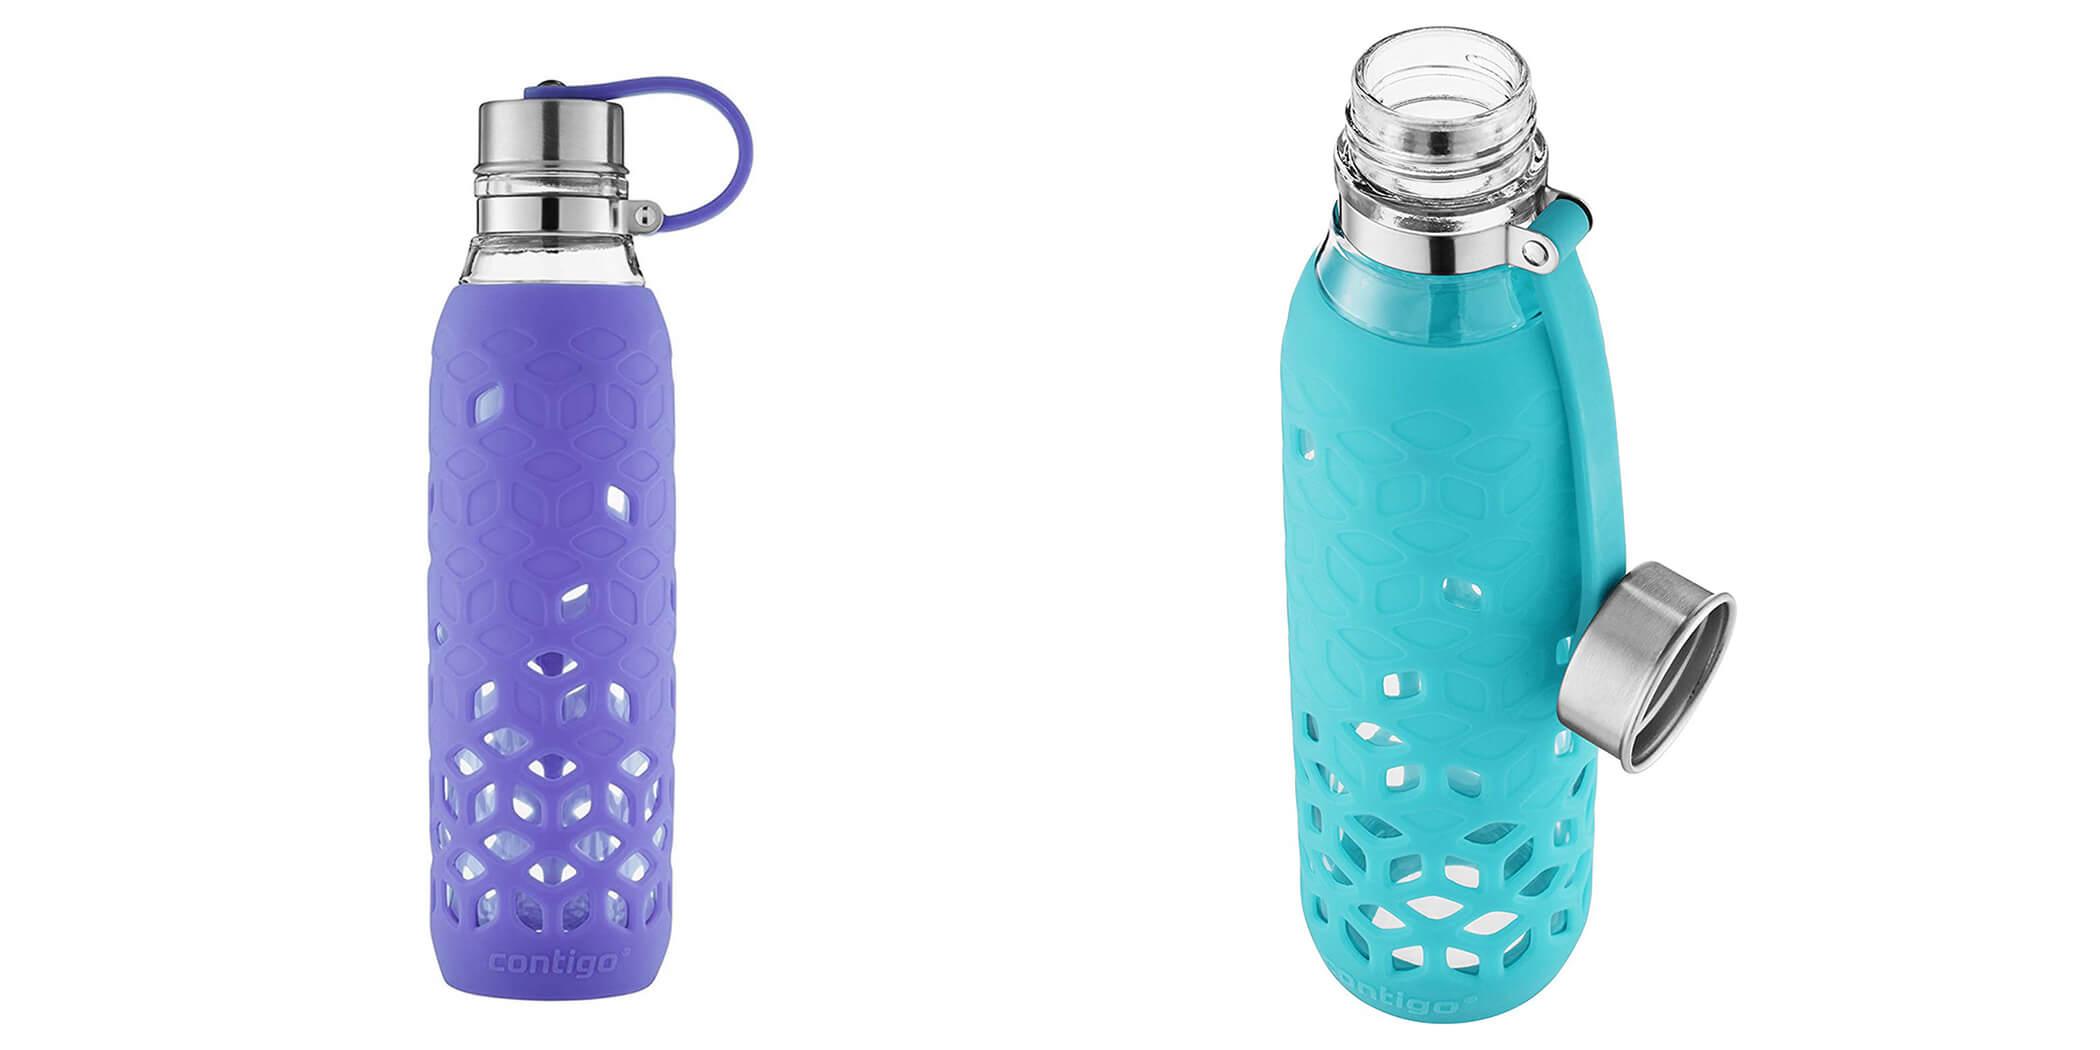 contigo-glass-drinking-bottle